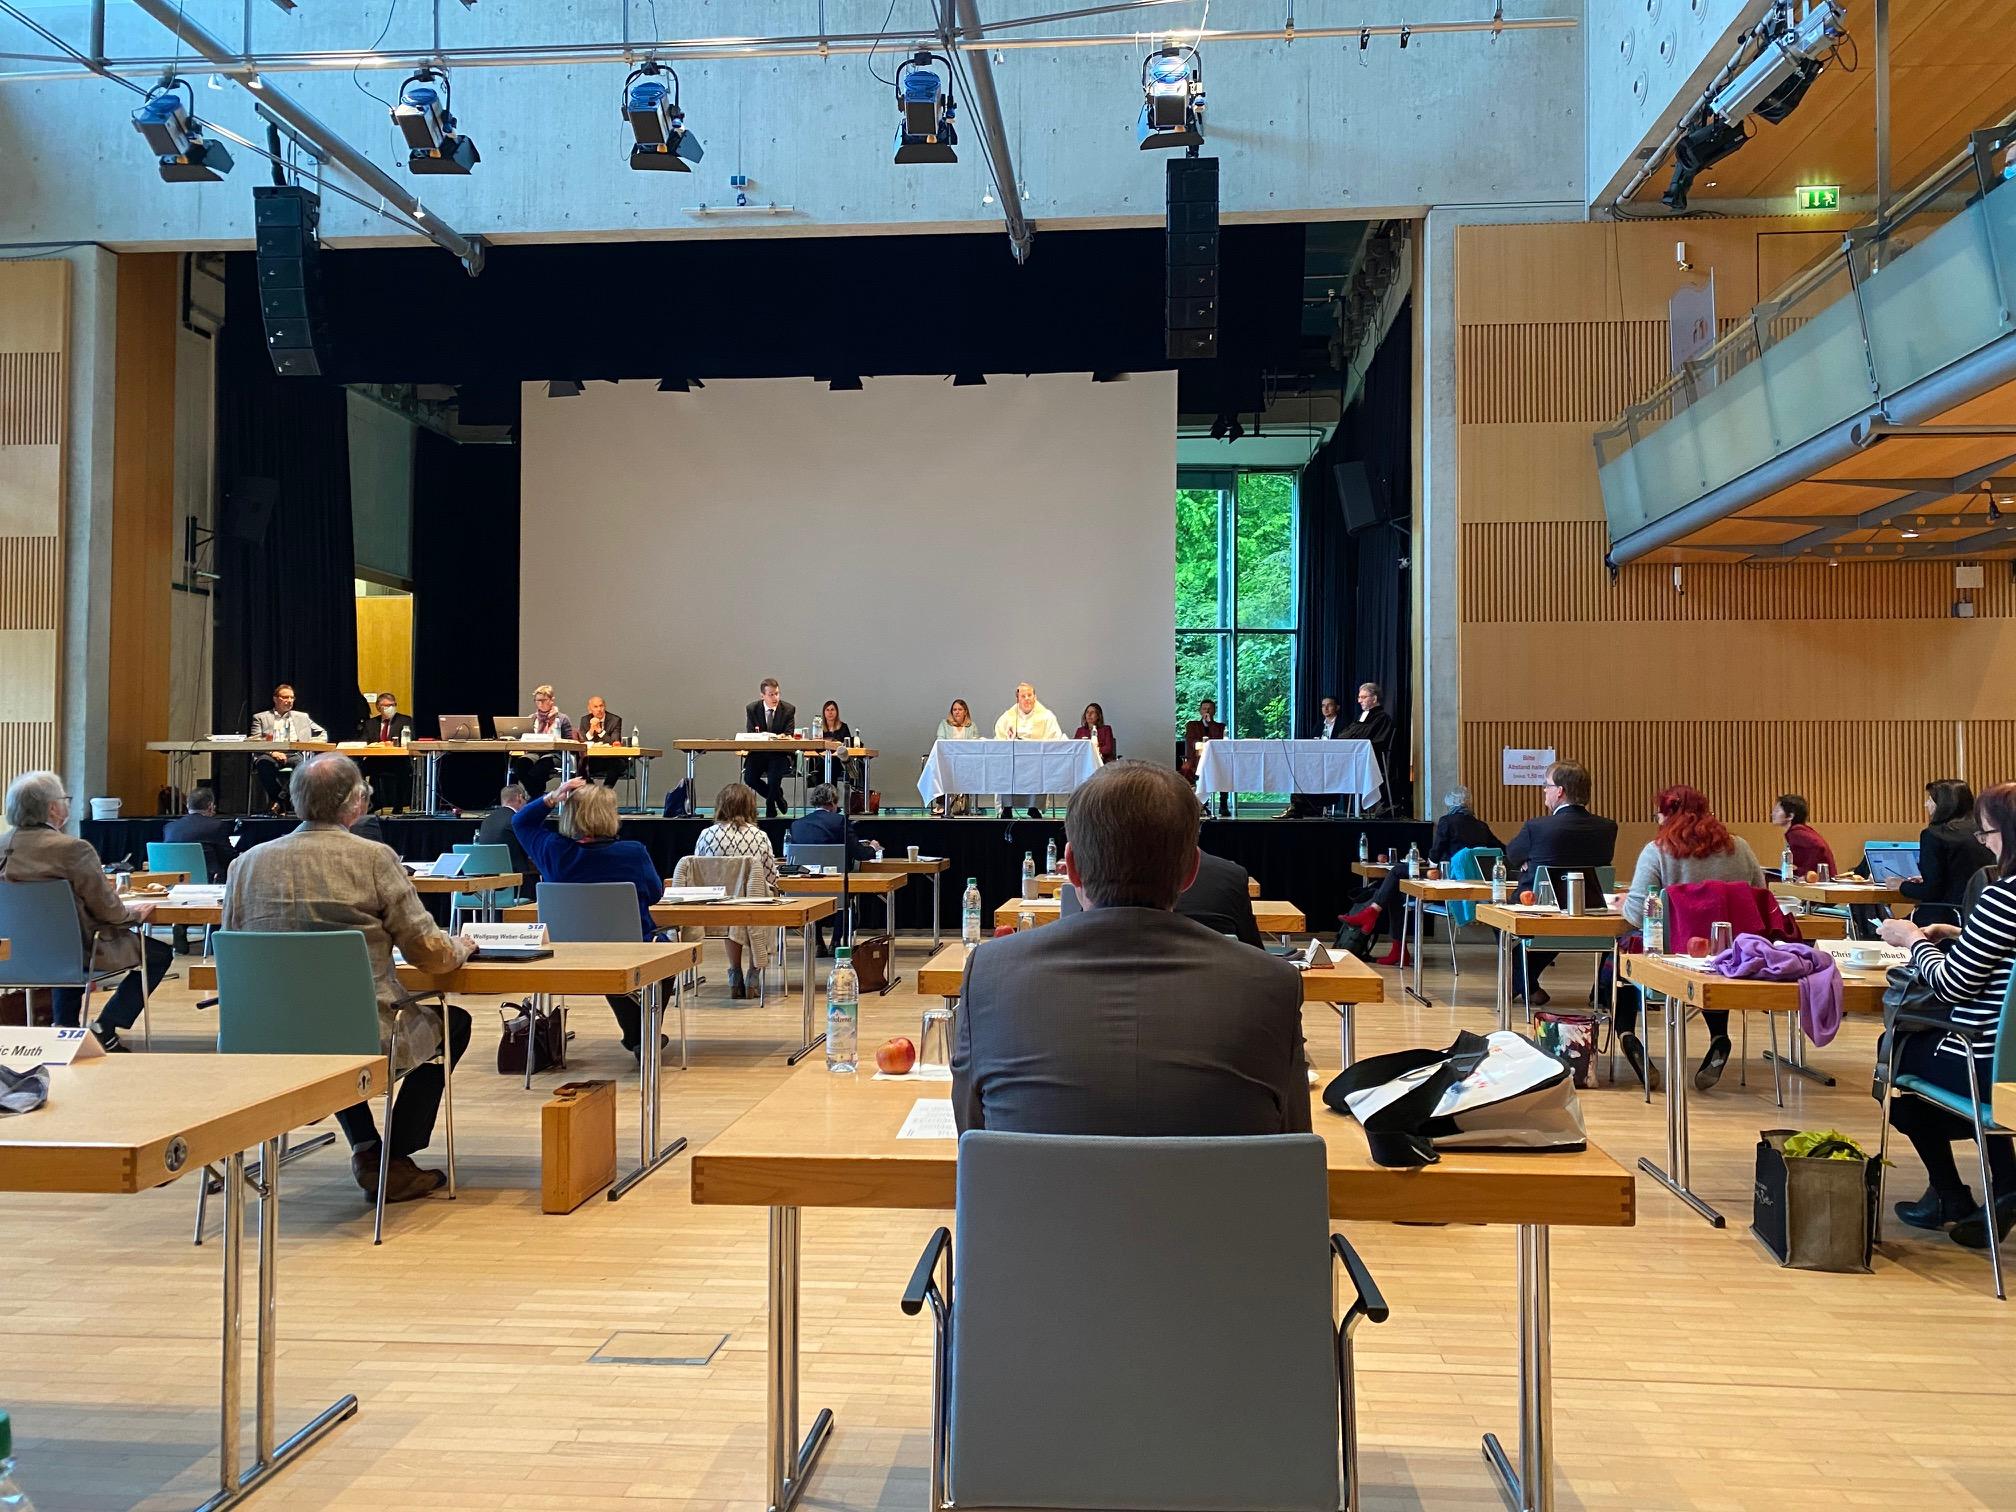 Kurzbericht zur konstituierenden Sitzung des Starnberger Kreistags vom 14. Mai 2020